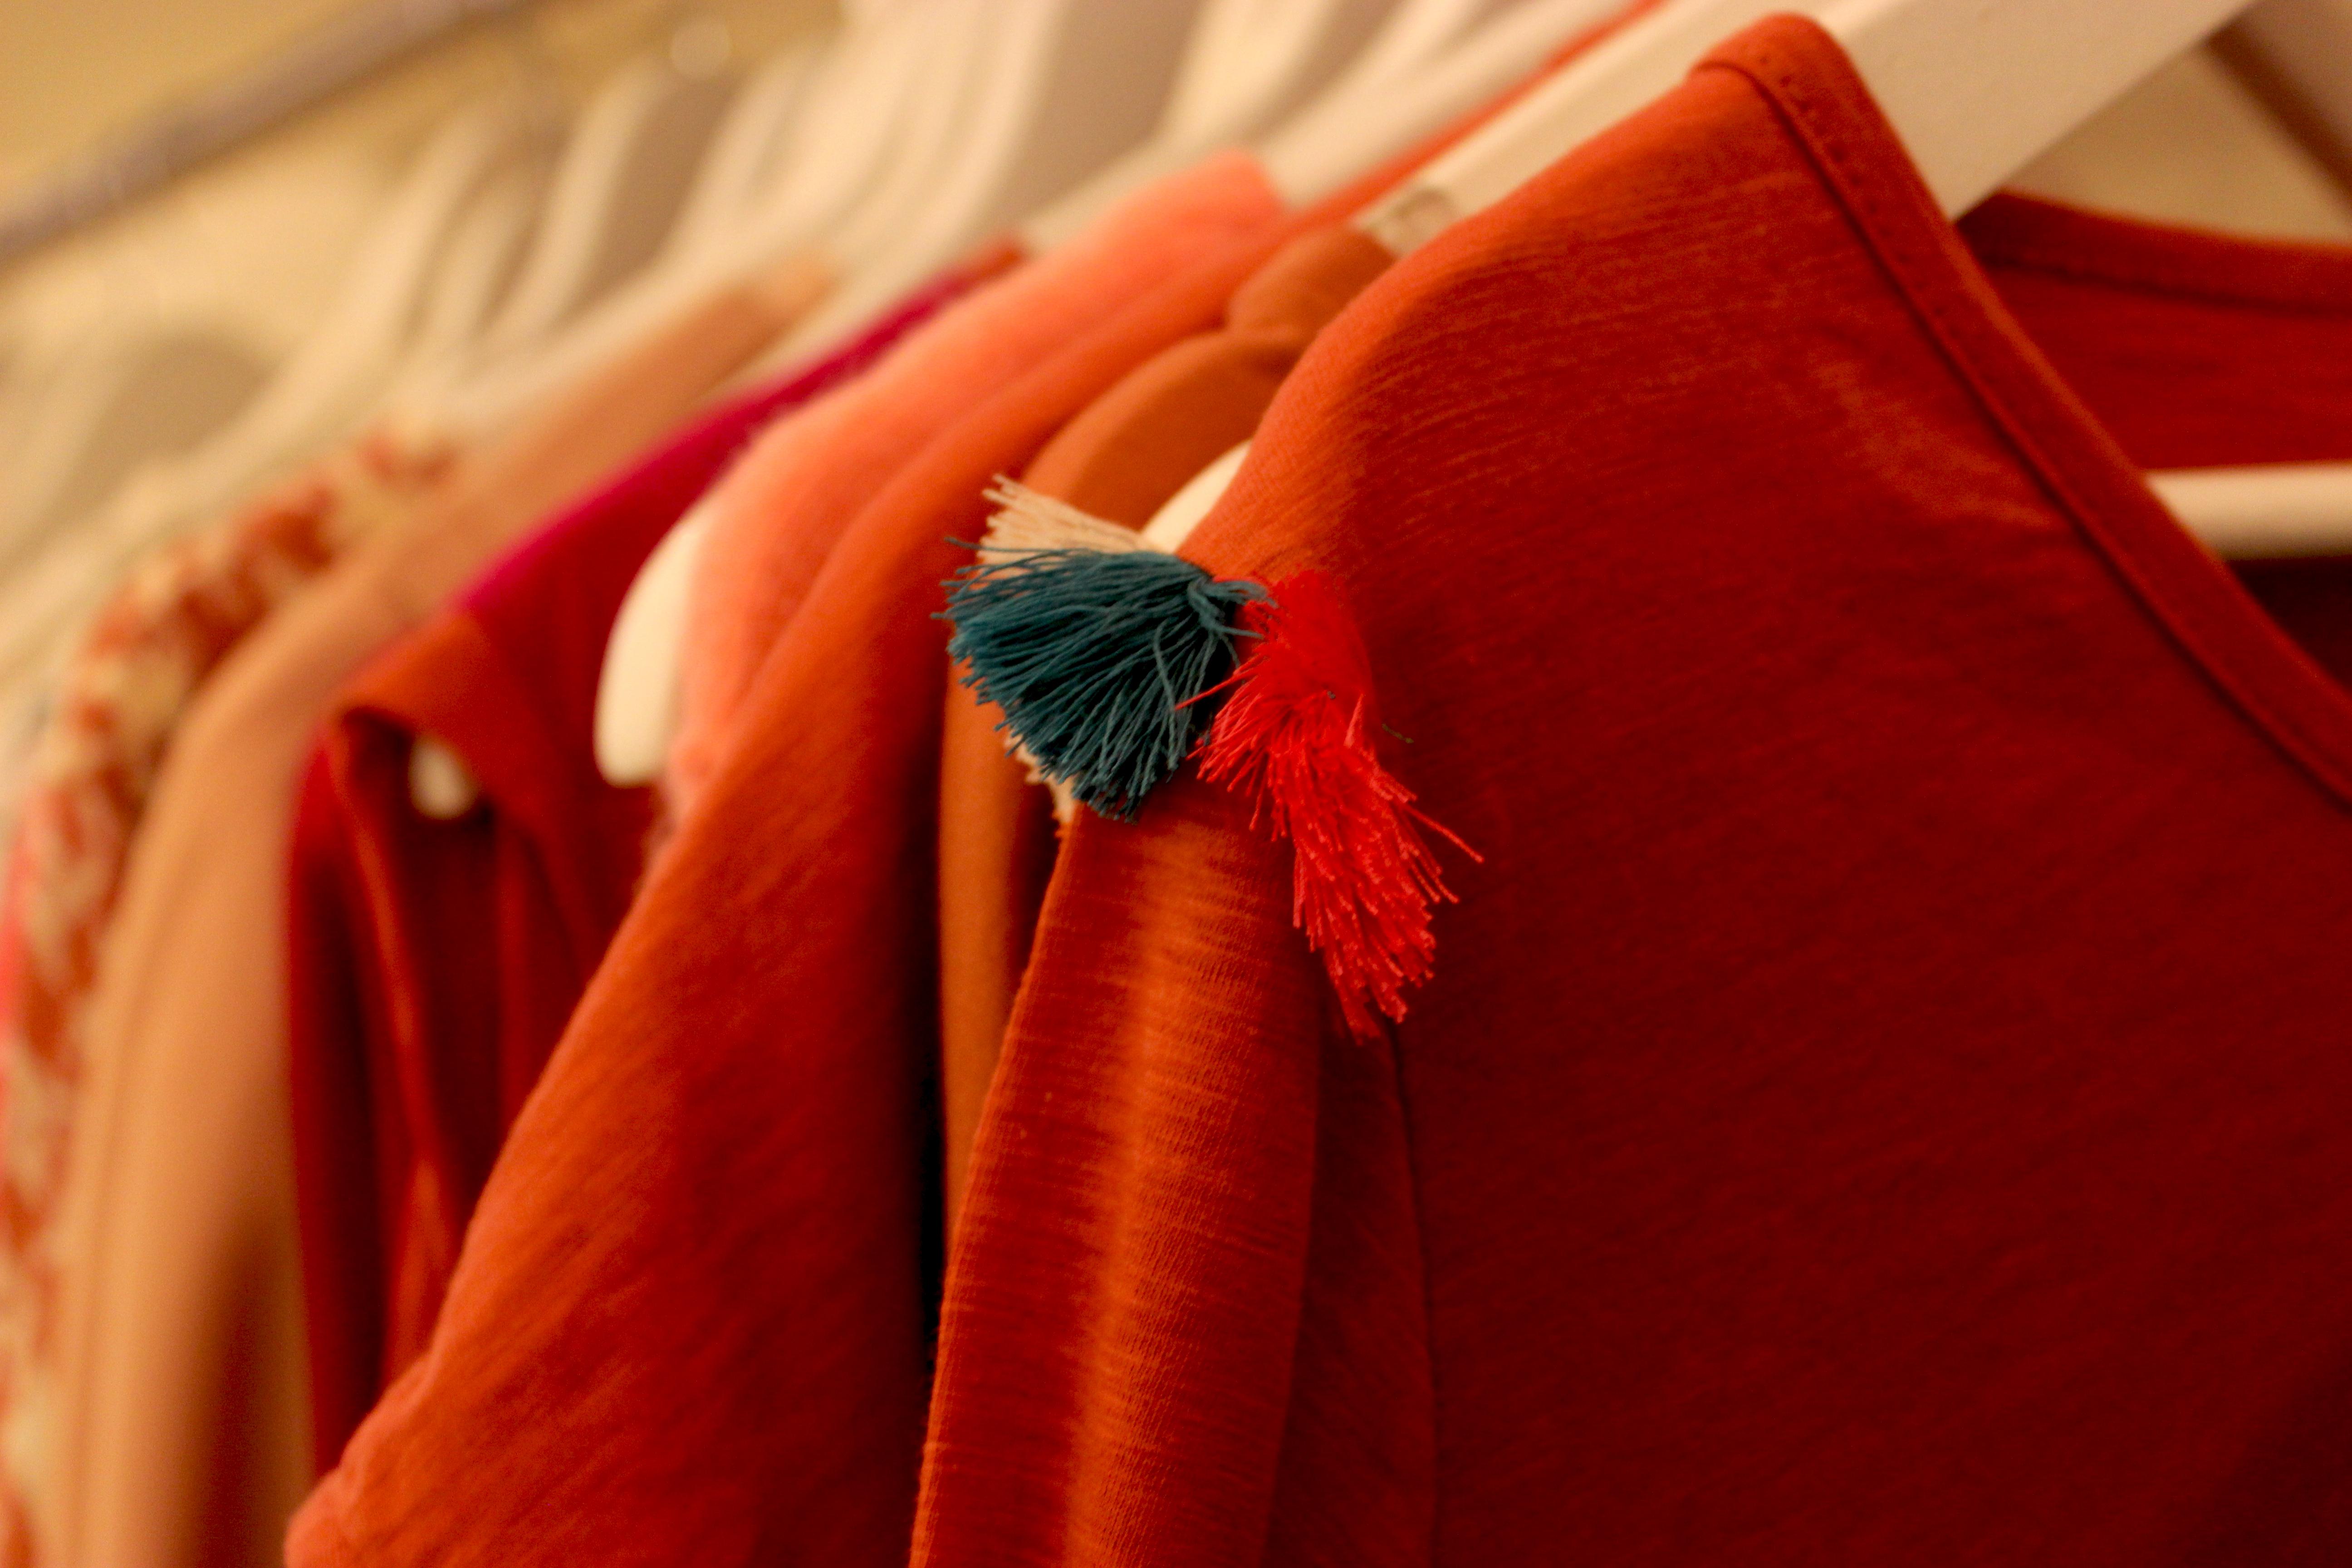 Detalles en un sweater by Vero Alfie